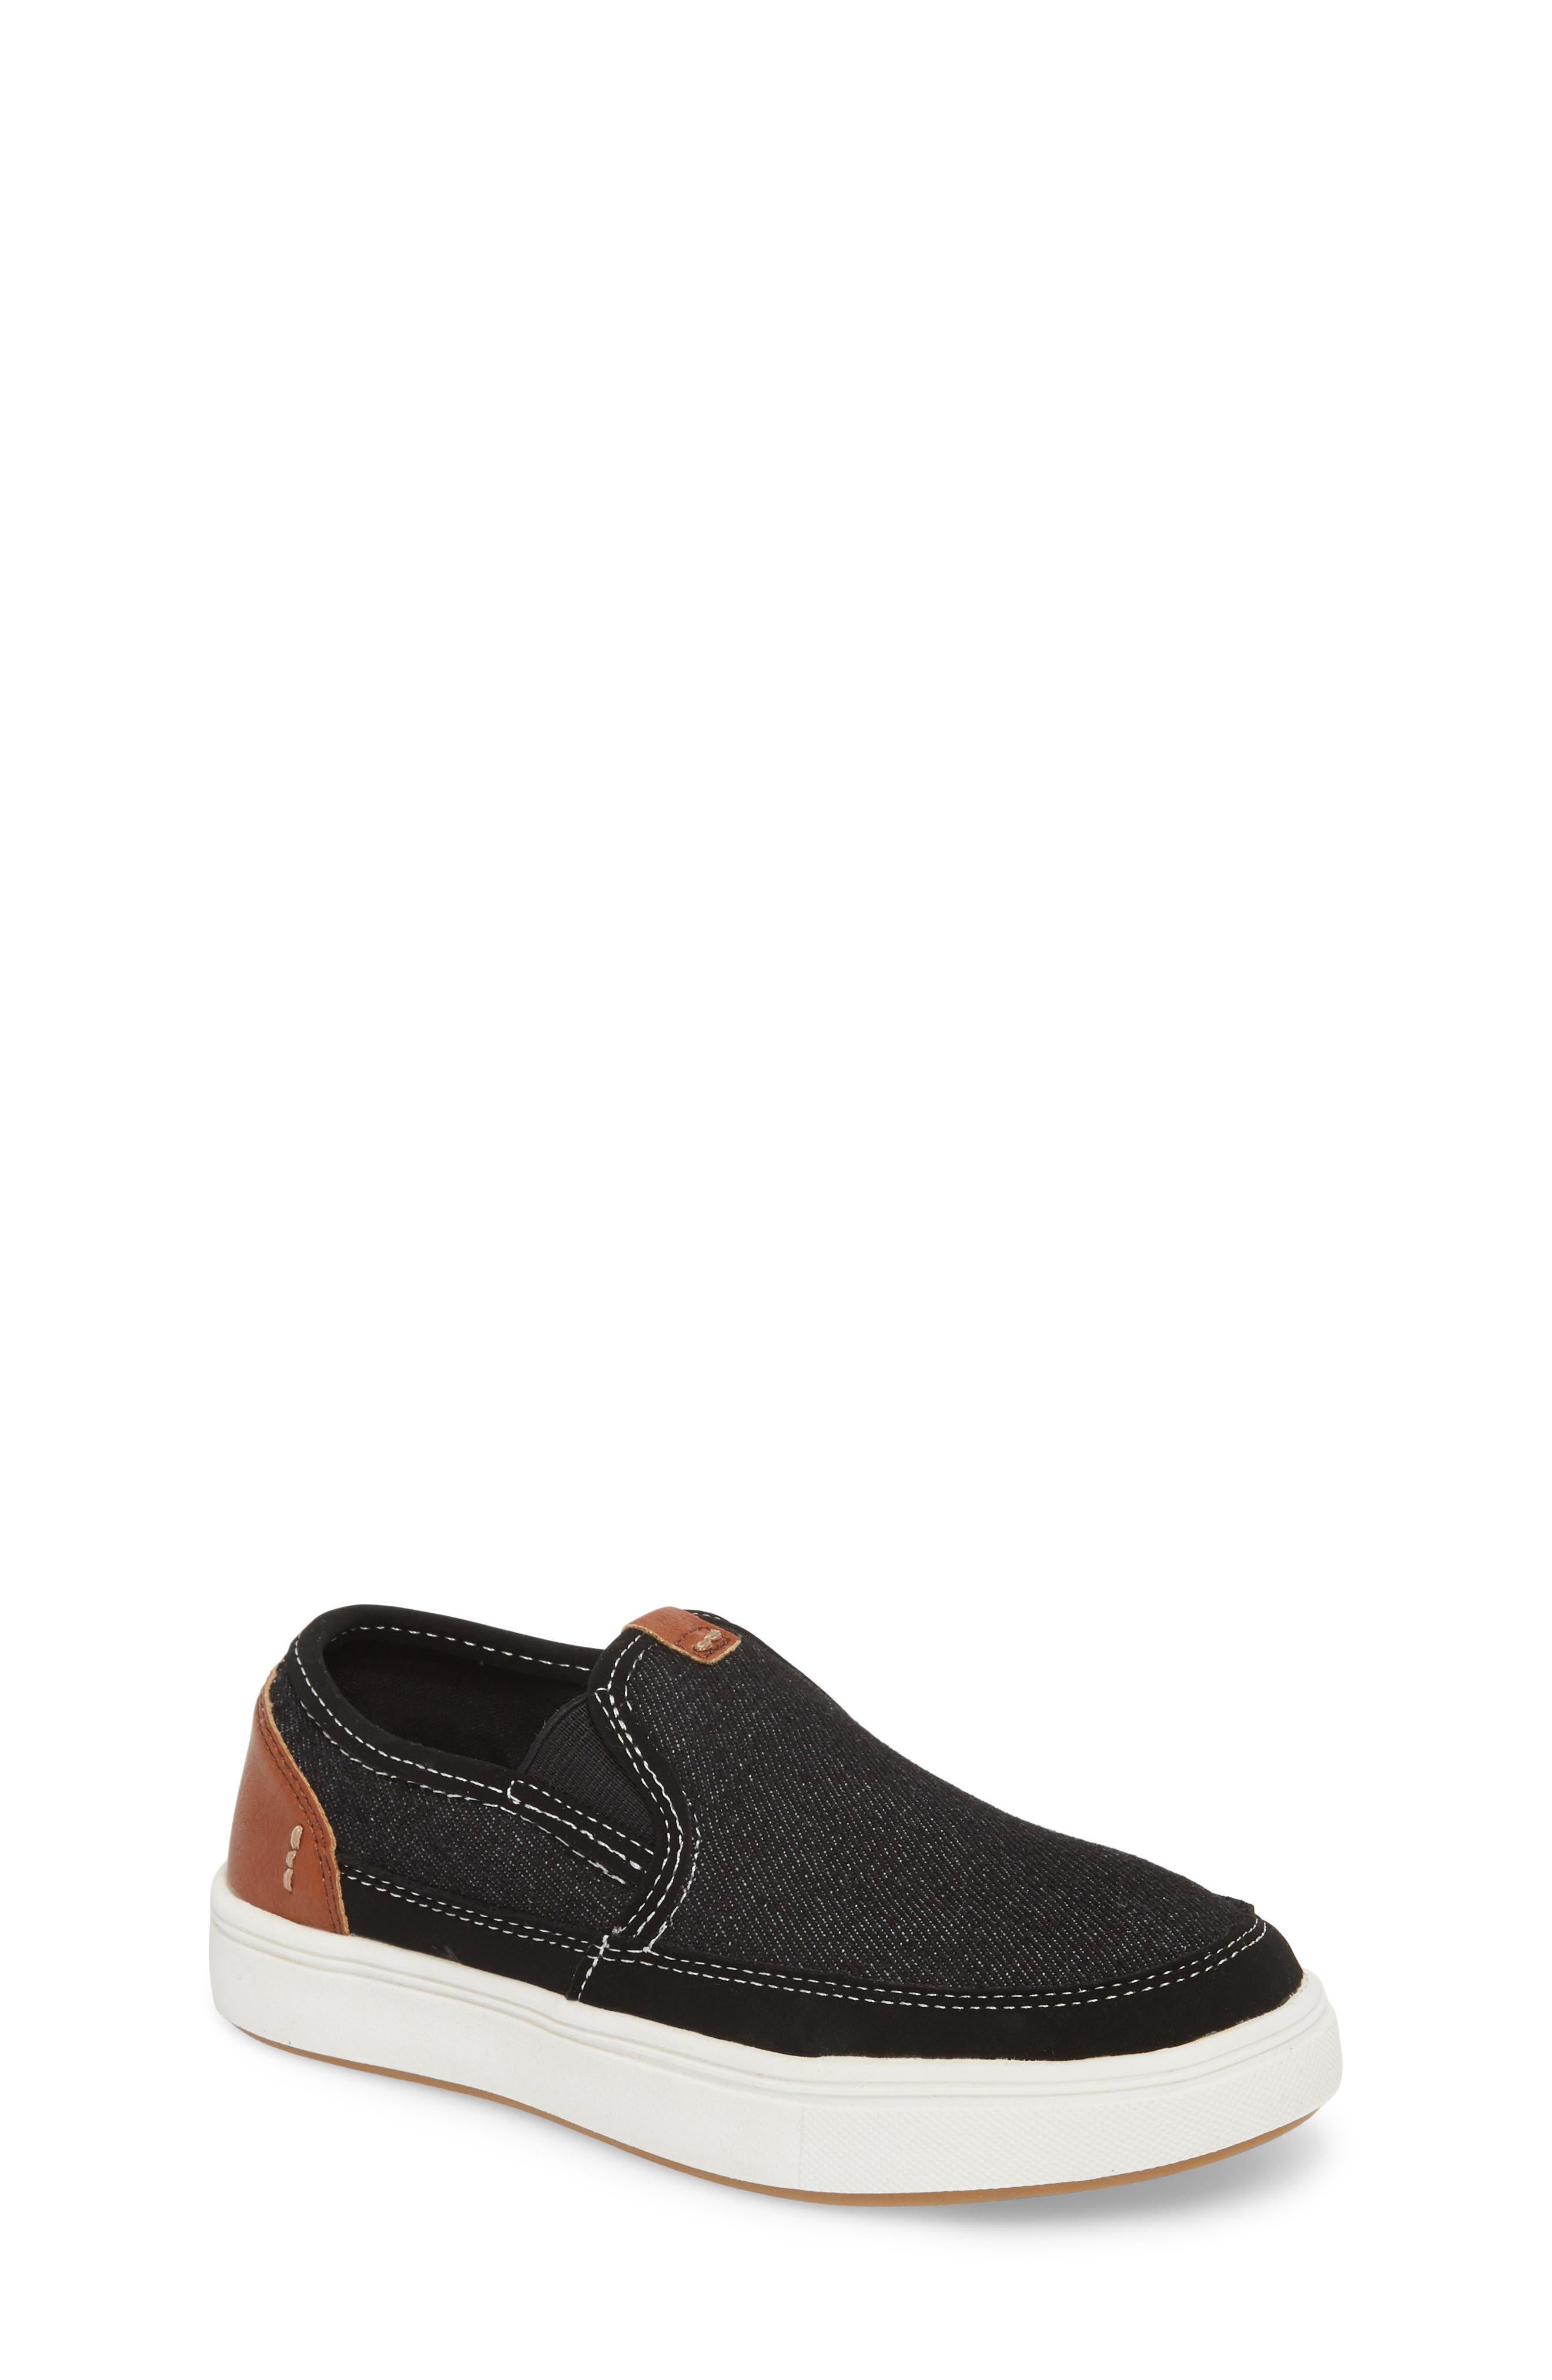 Steve Madden Bfoleeo Slip-On Sneaker (Little Kid & Big ...